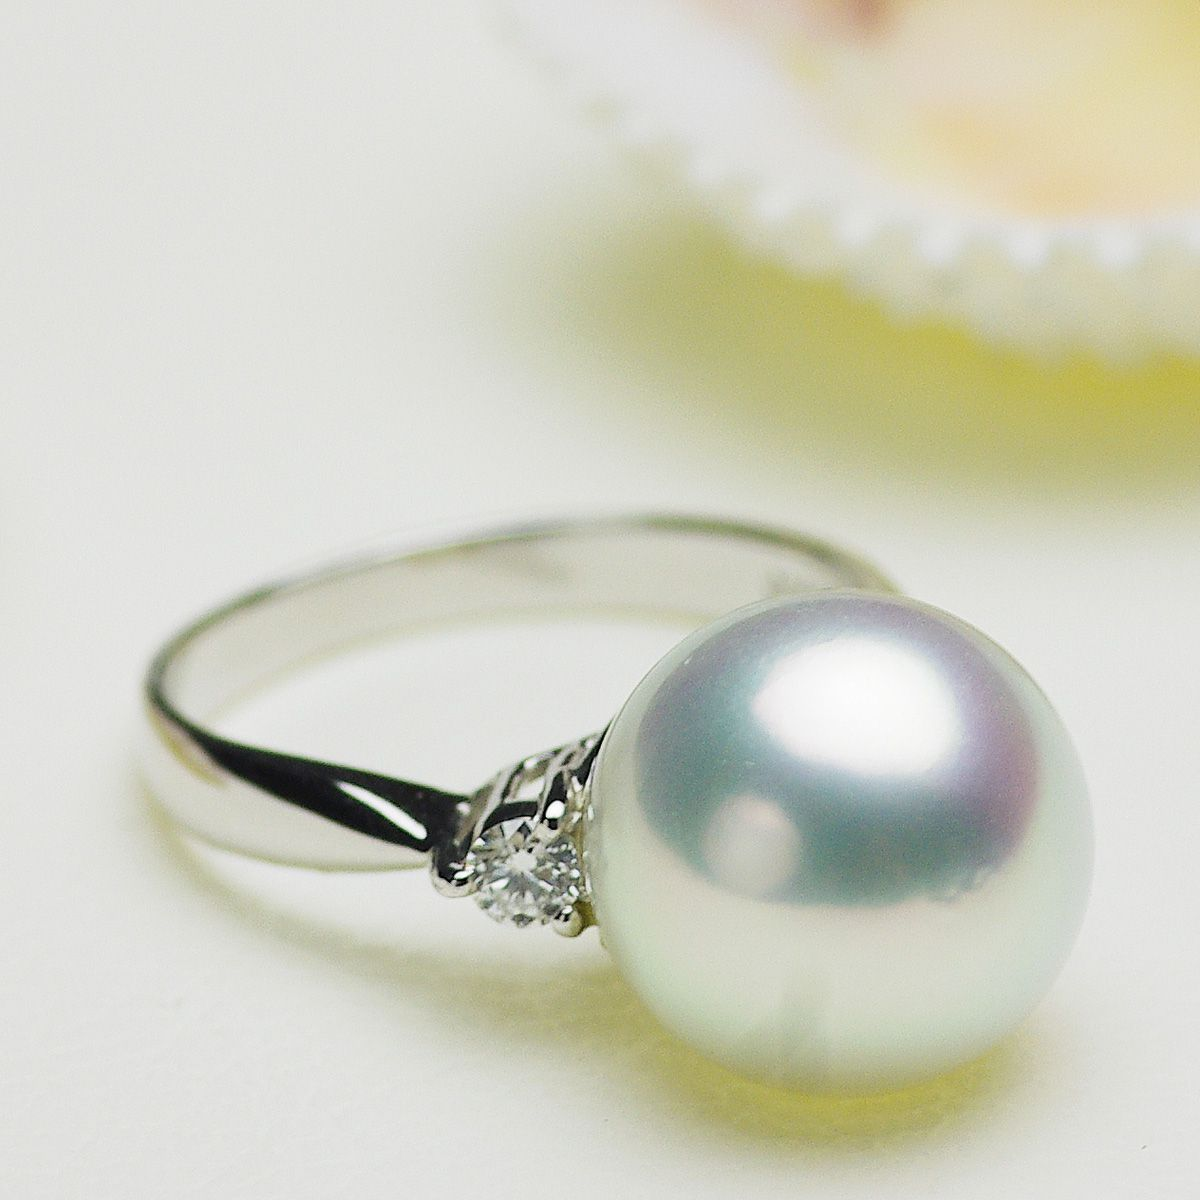 南洋白蝶真珠リング 約11.5mmの写真